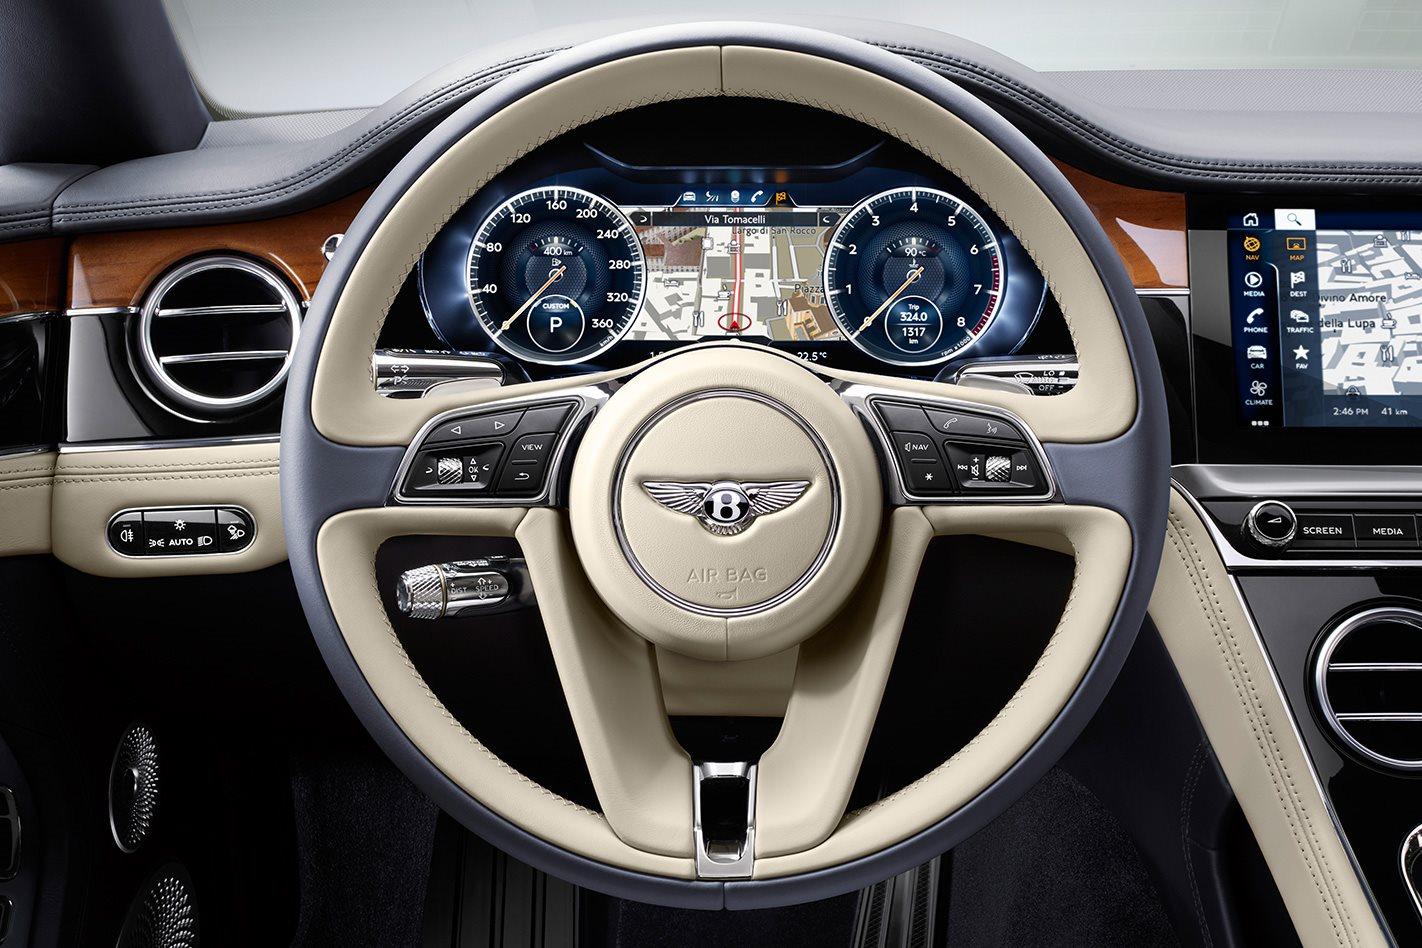 2018 Bentley Continental GT gauges